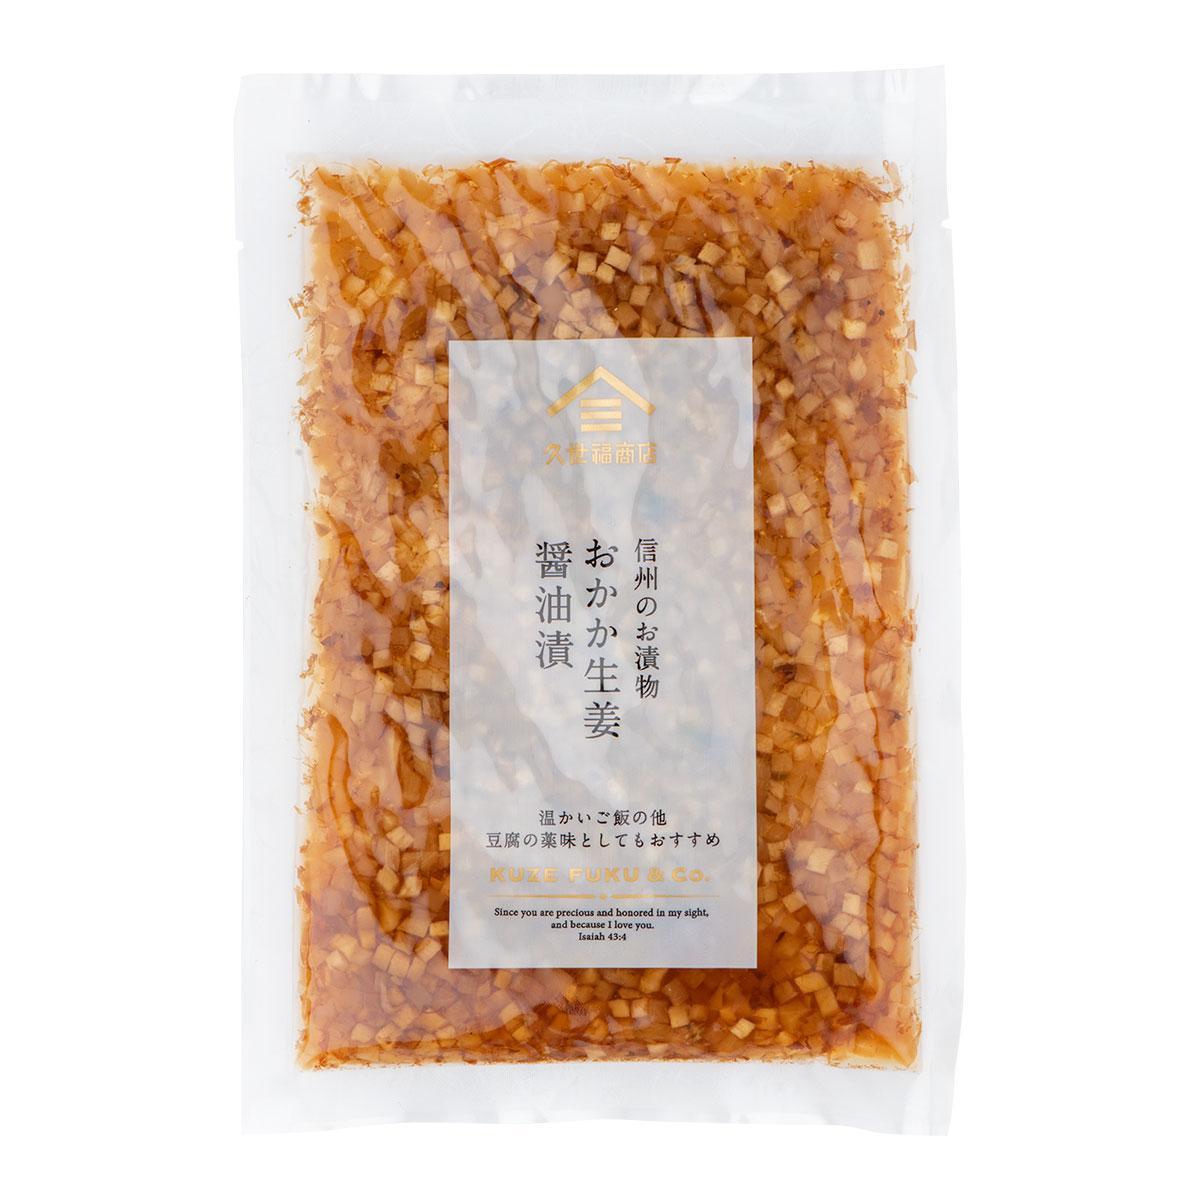 温かいご飯の他 豆腐の薬味としてもおすすめ 久世福商店 お見舞い 醤油漬80g いよいよ人気ブランド 信州のお漬物おかか生姜